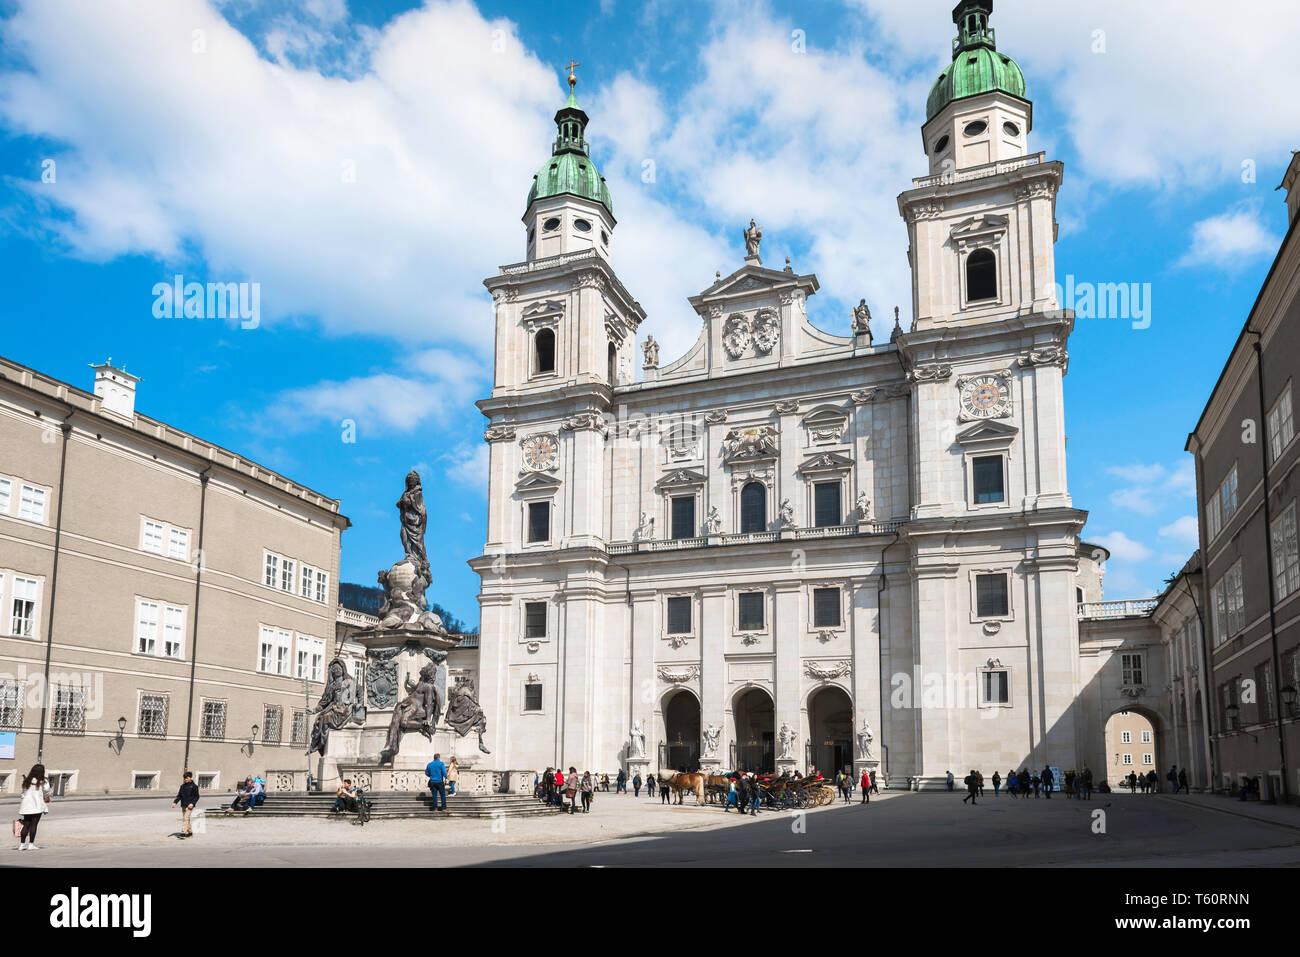 Salzburger Dom, Blick über den Domplatz (Cathedral Square) in Richtung der barocken Fassade der Dom (Kathedrale) in der Altstadt von Salzburg, Österreich. Stockbild